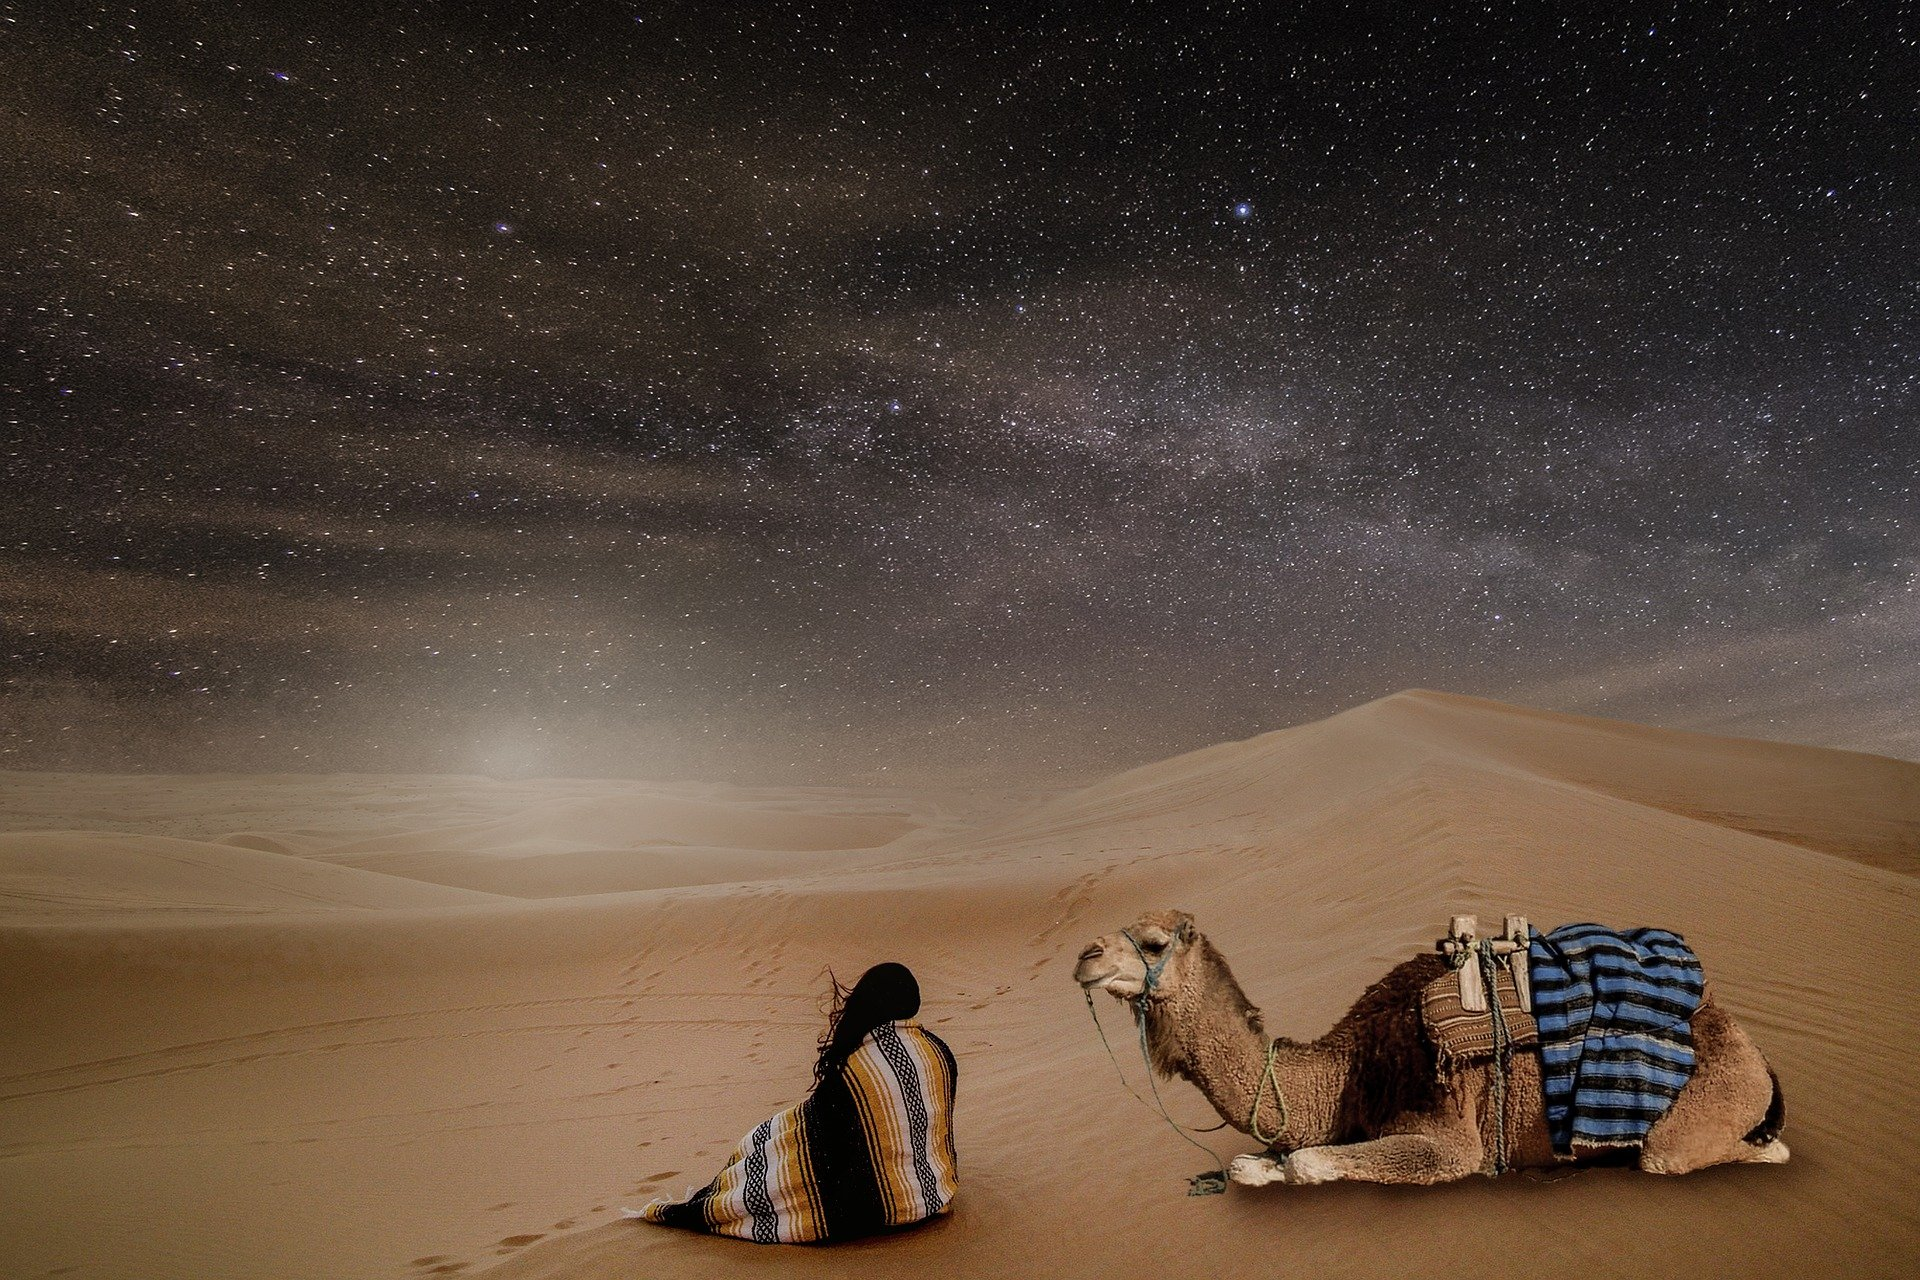 una donna seduta di spalle accanto al suo cammello nel deserto